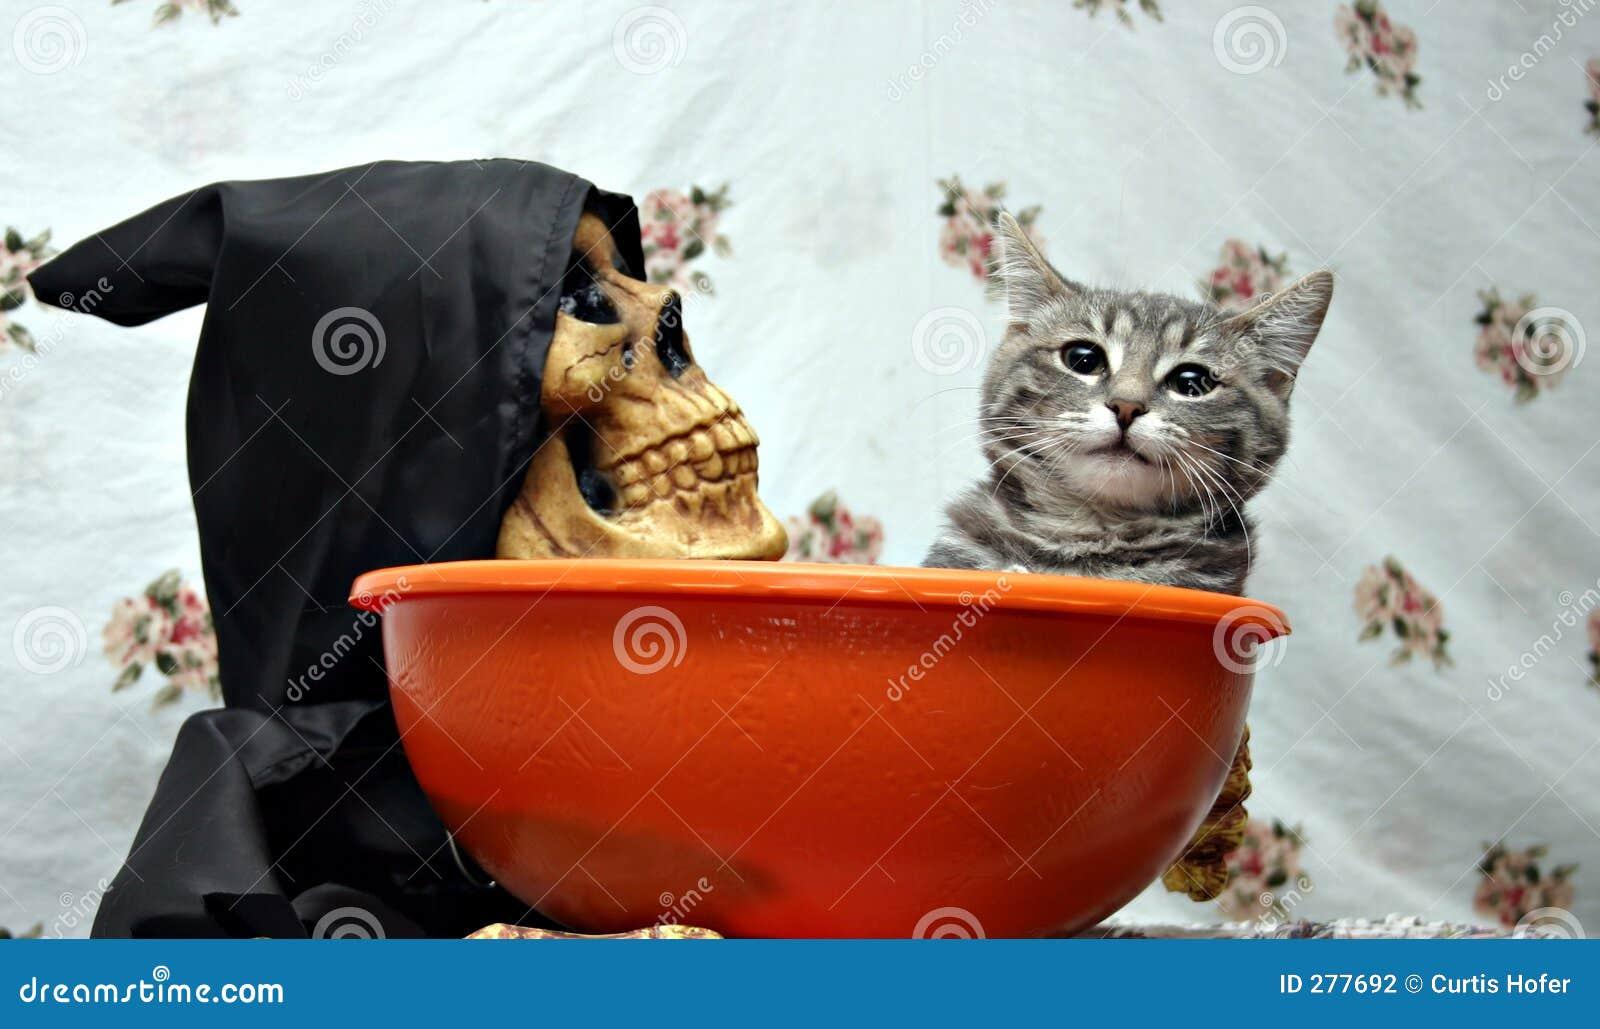 Kat in een suikergoedschotel